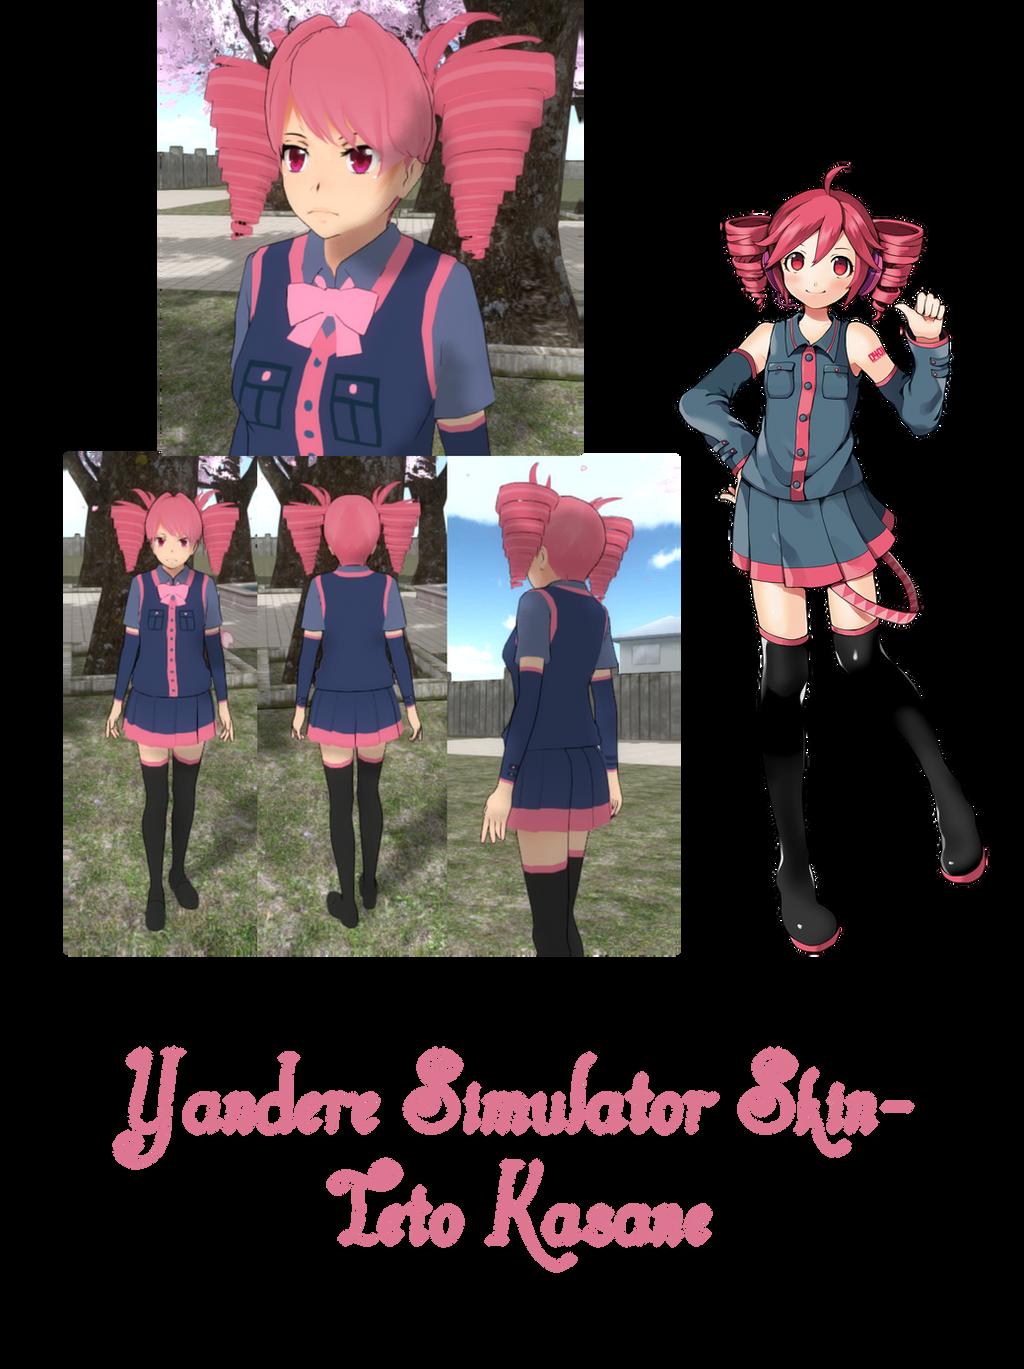 Descargar Skin De Hatsune Miku Para Yandere Simulator Alpha Beta Demo - Skins para minecraft de yandere